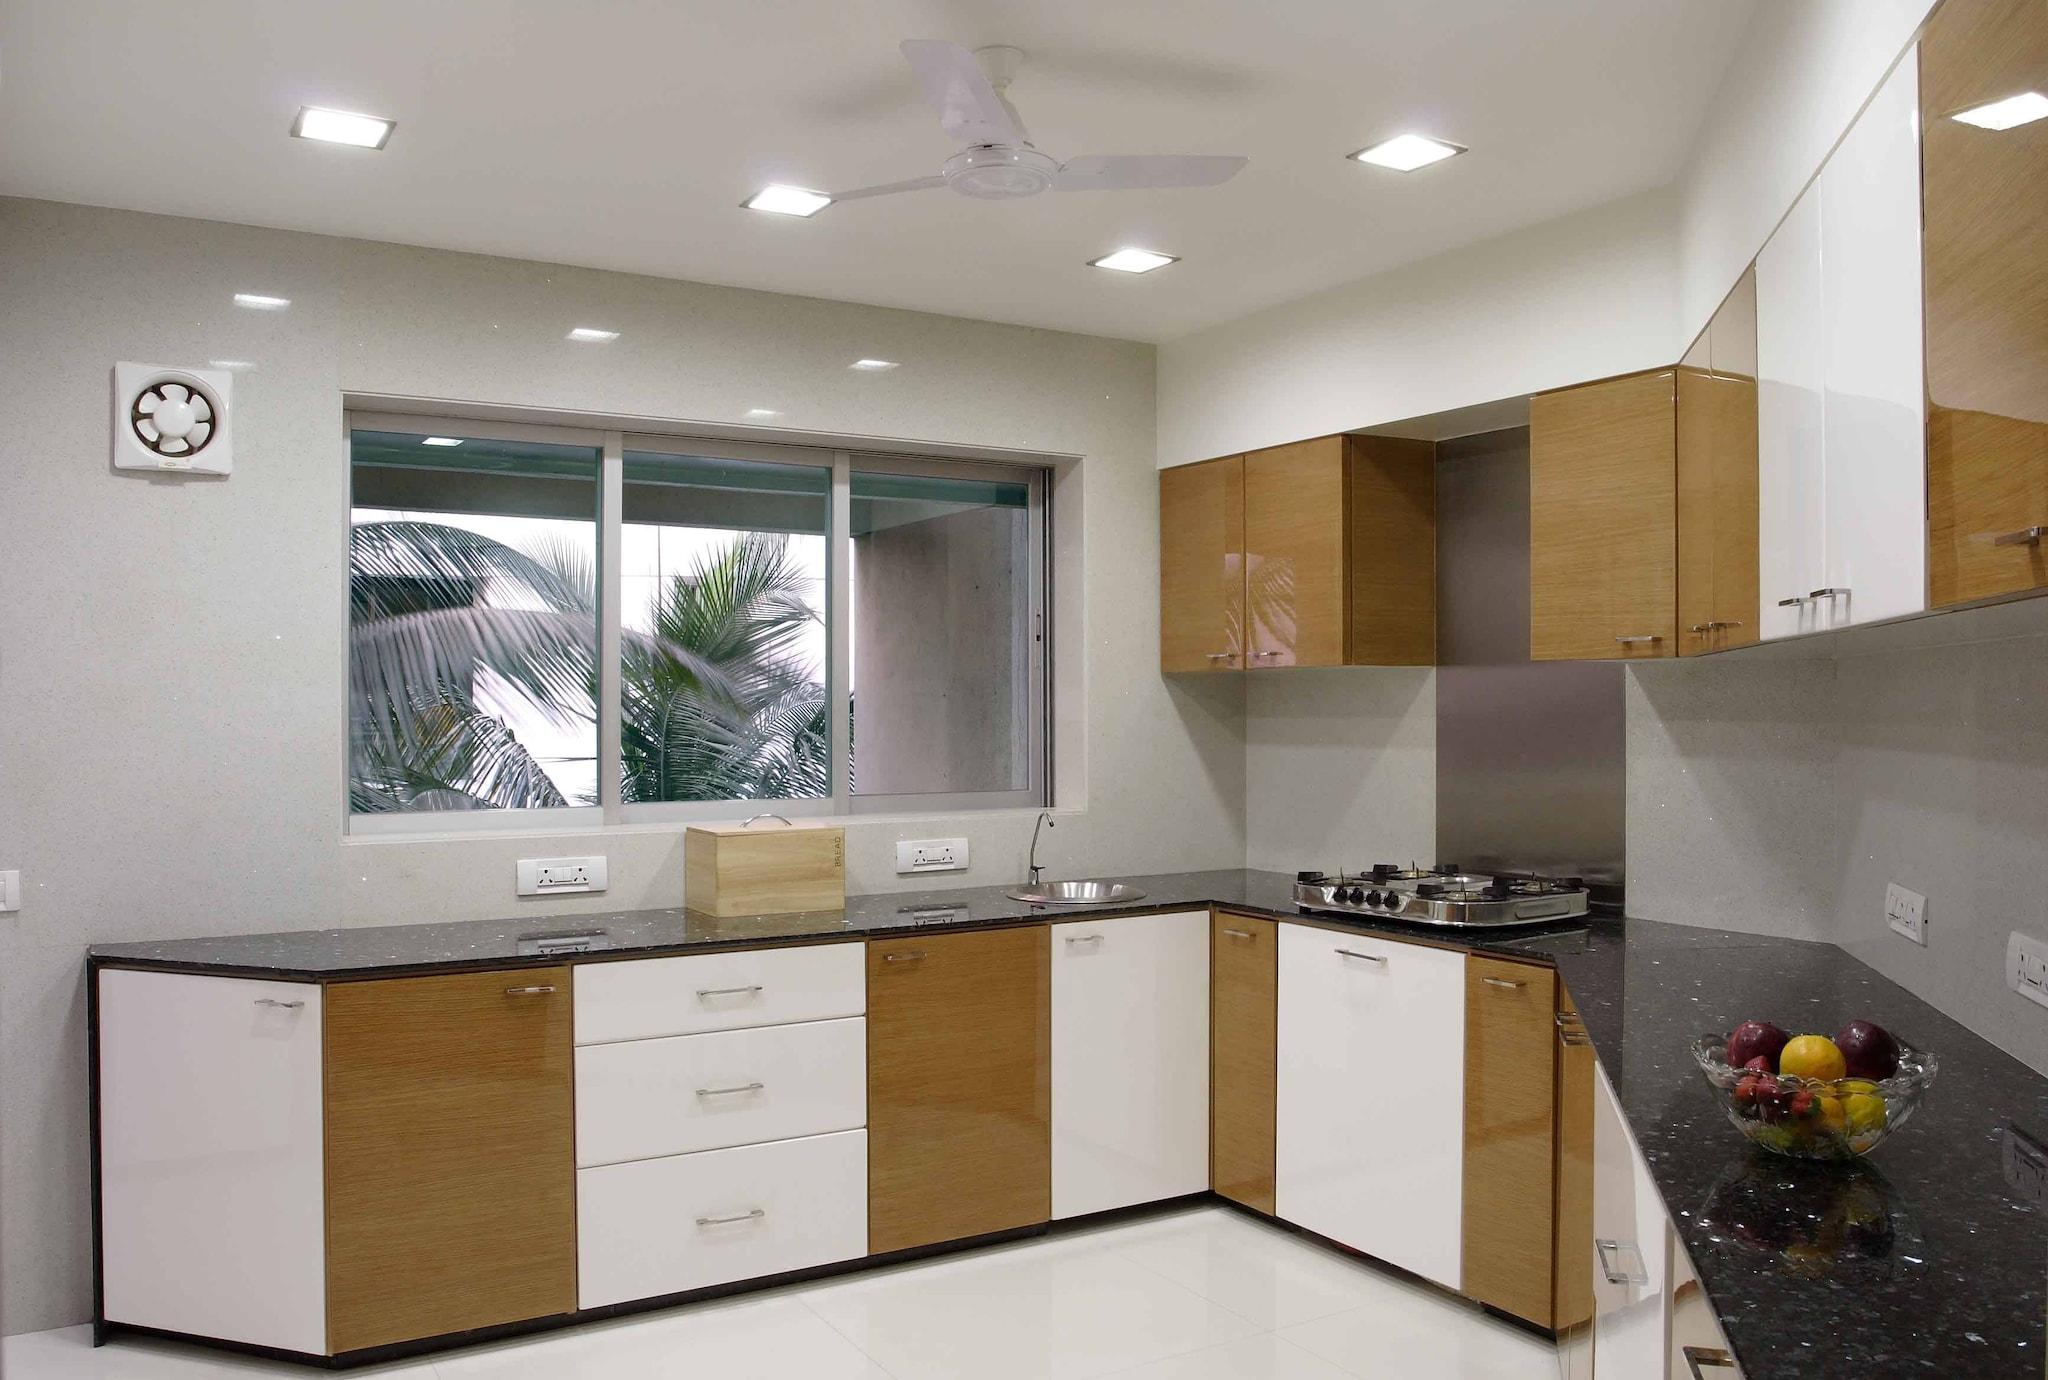 Blum Channel Modular Kitchen Dealers Bangalore